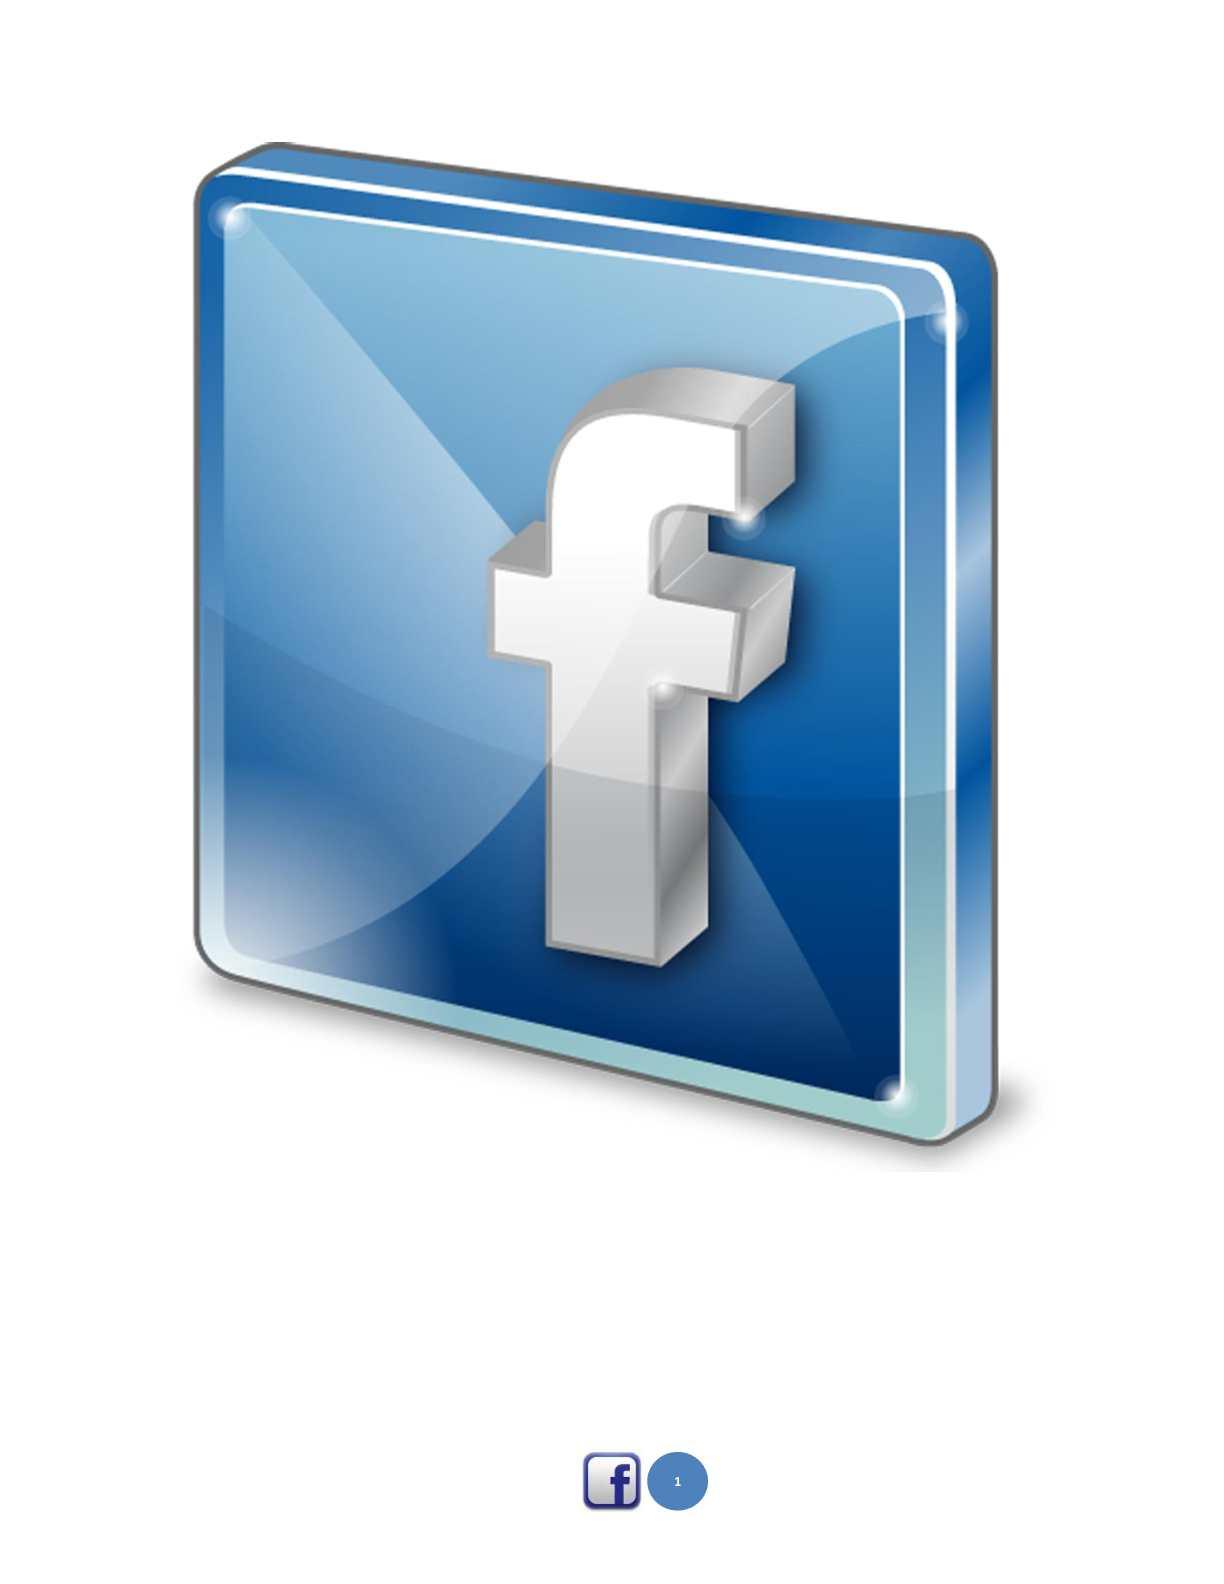 Calaméo - Perfil de Facebook de Mas Orientación